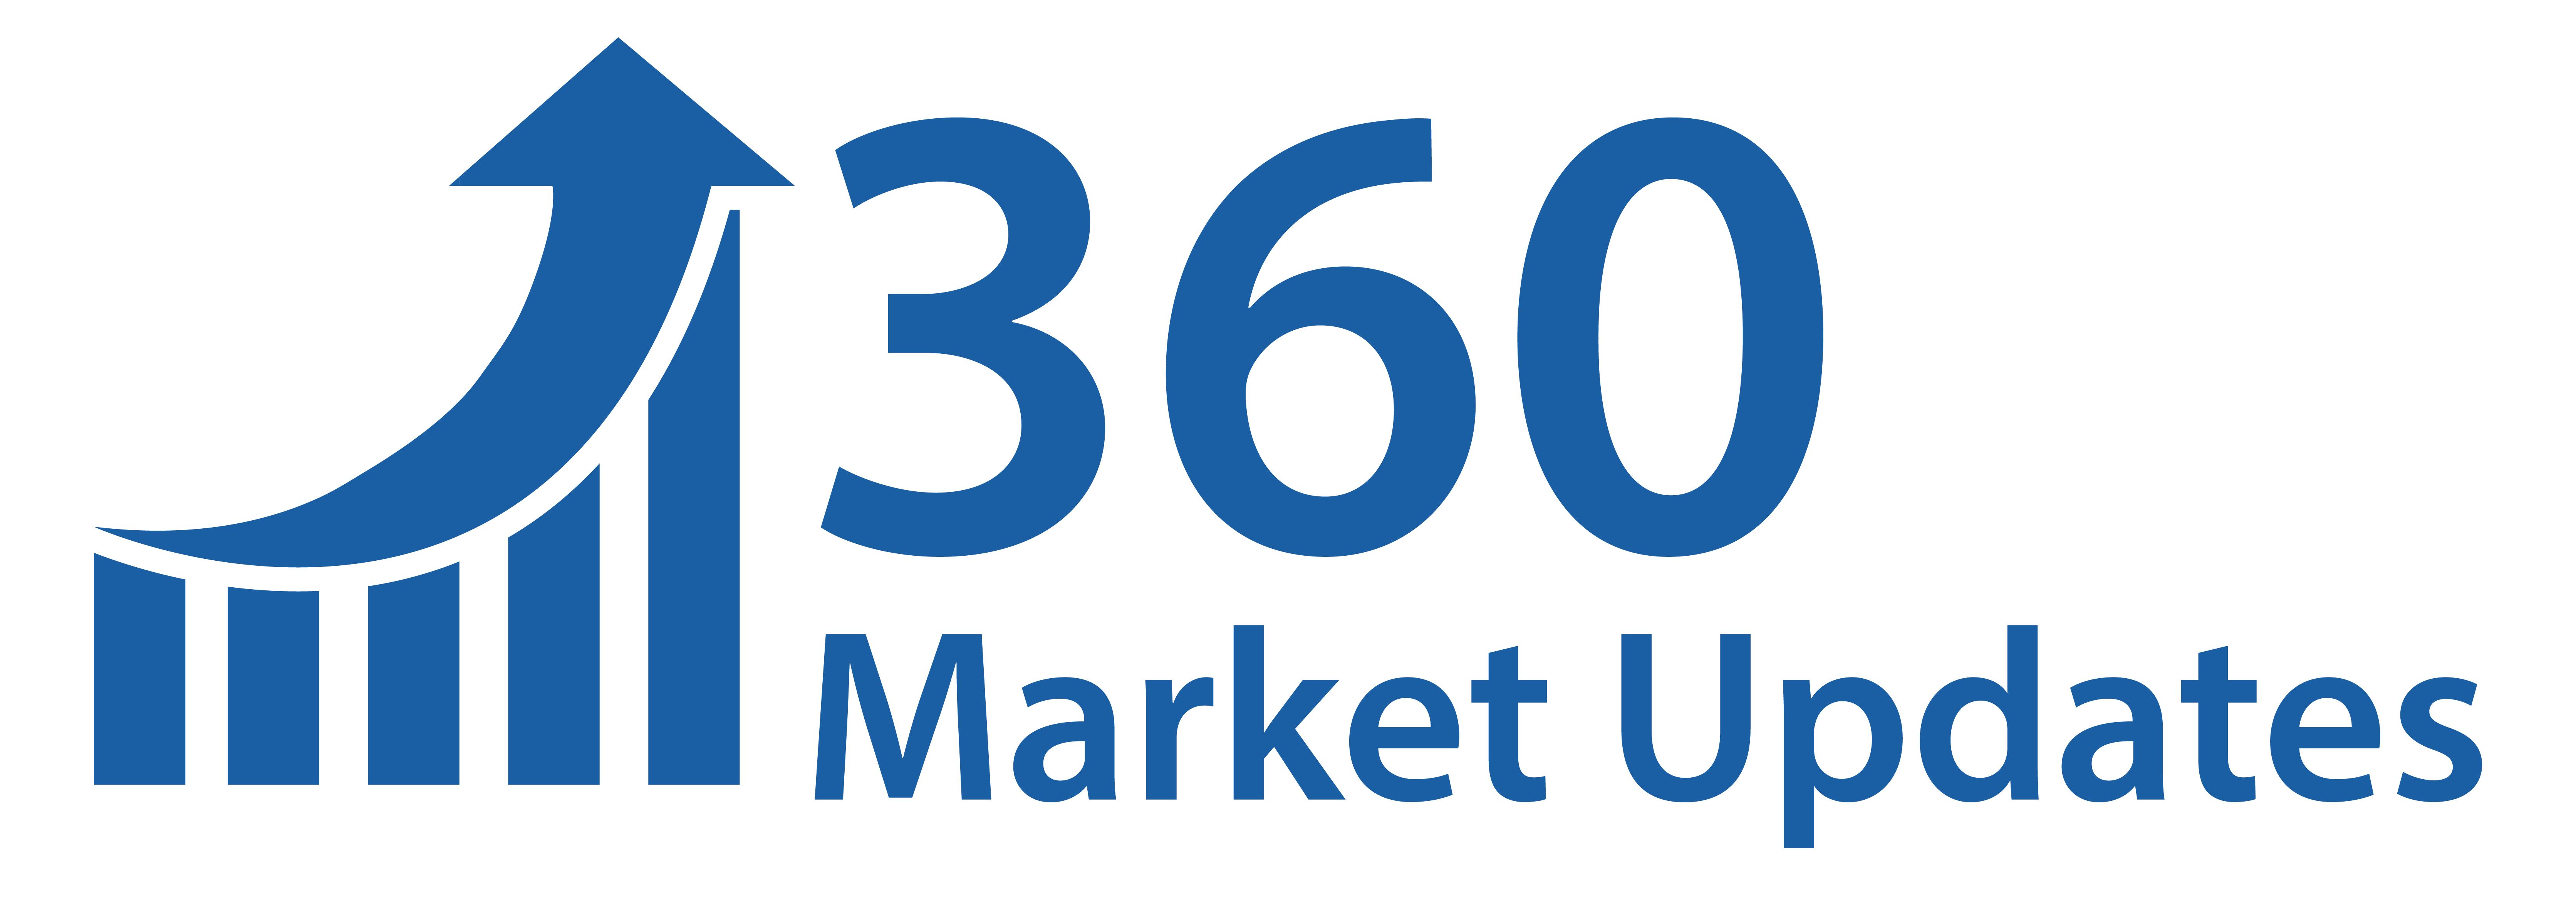 Fluid Transfer System Market 2020 – Globale Branchenanalyse, Größe, Aktie, Wachstum, Trends und Prognose 2020 – 2025